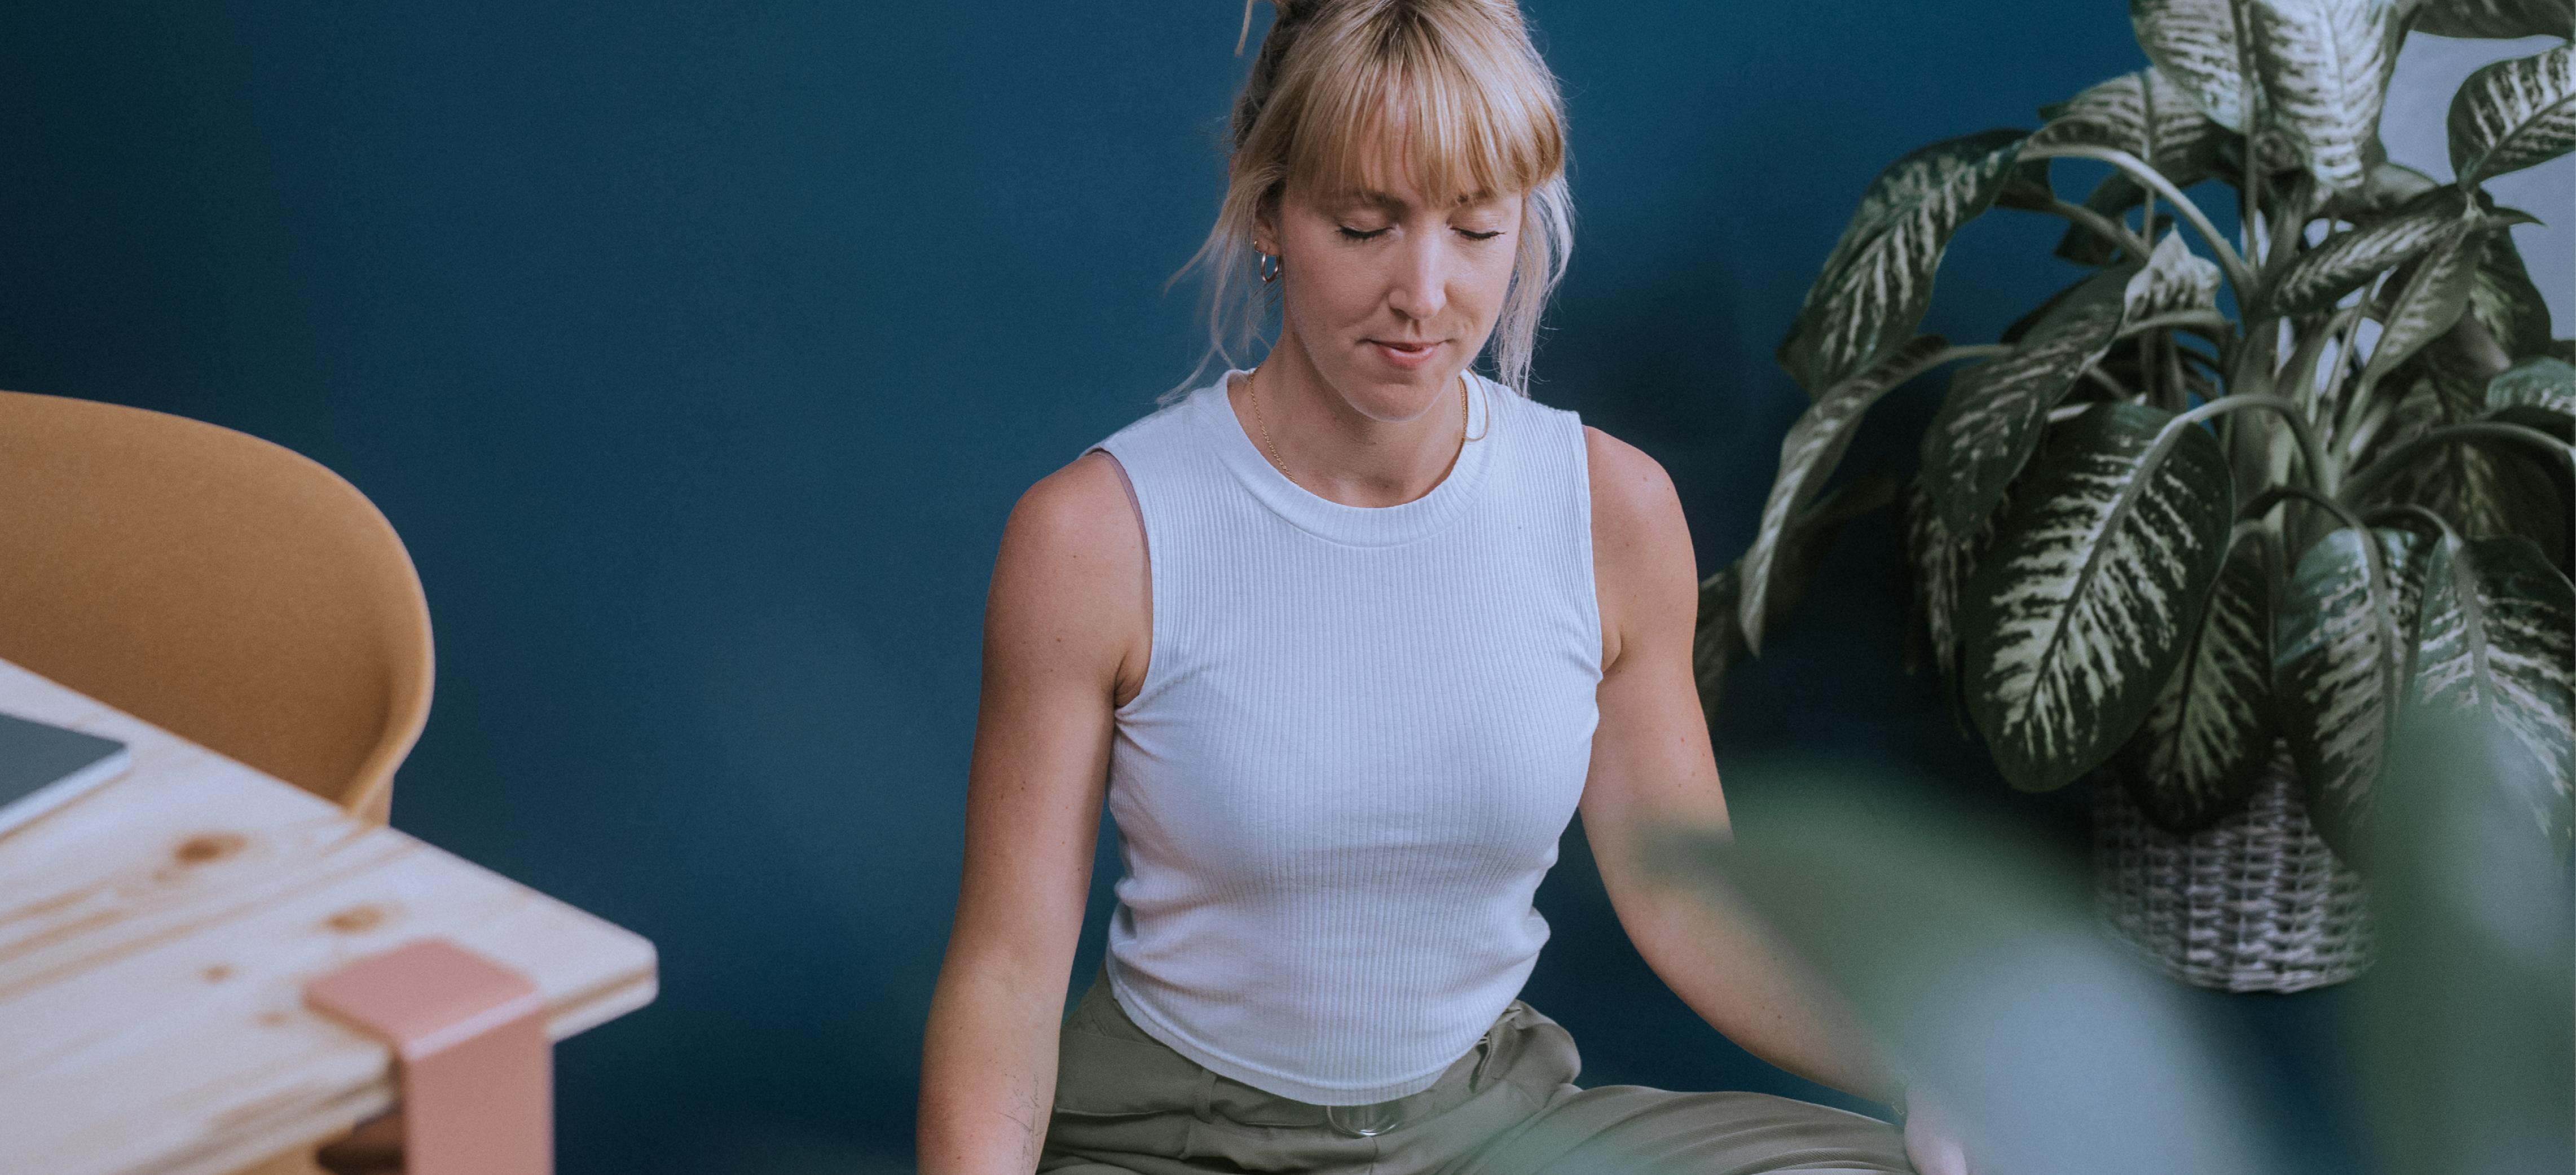 Achtsamkeit – Lerne deinen Alltag bewusster wahrzunehmen